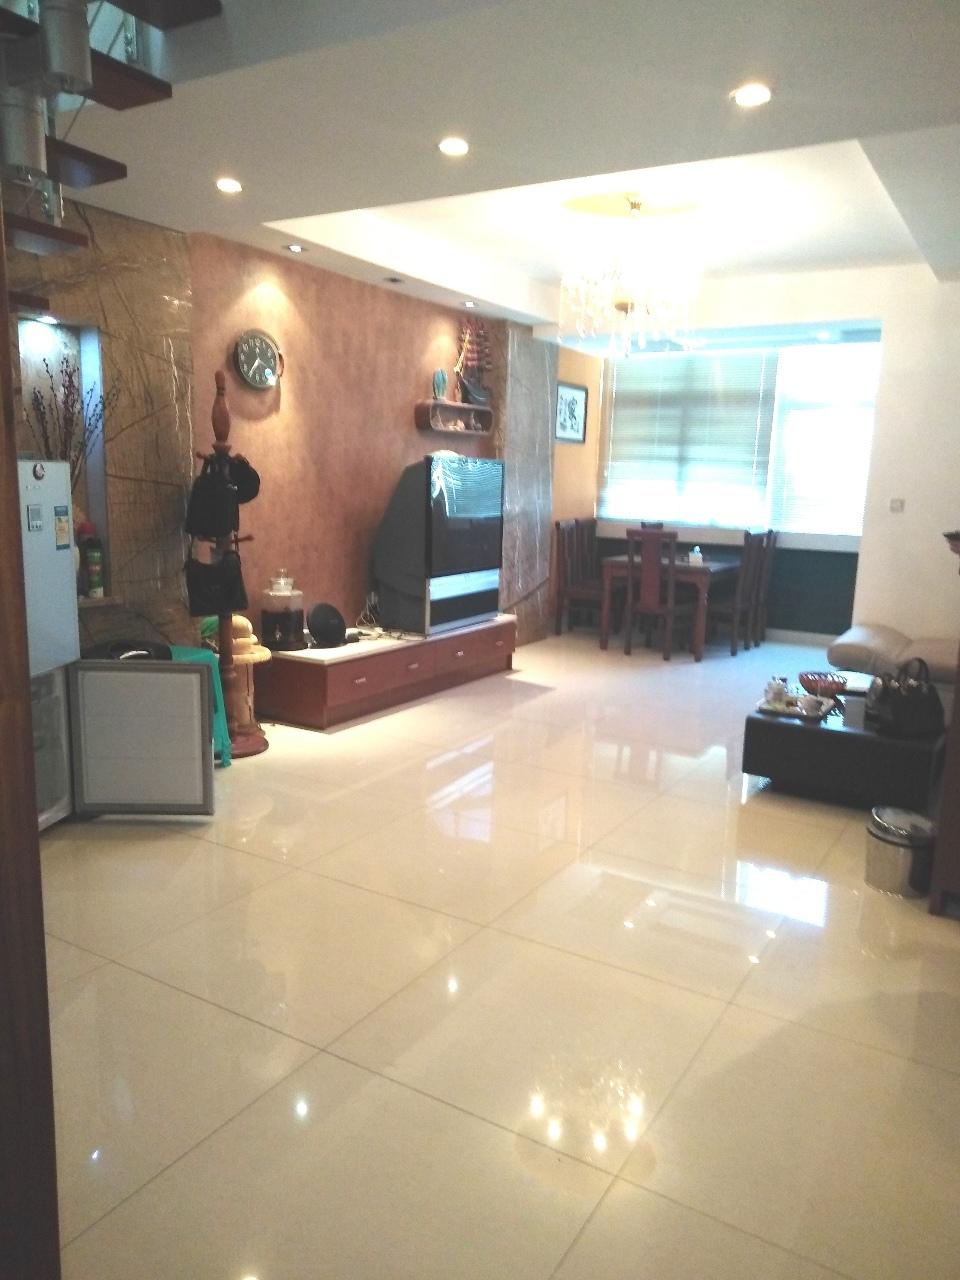 港汇3层楼中楼124平精装3室2厅2卫66.8万